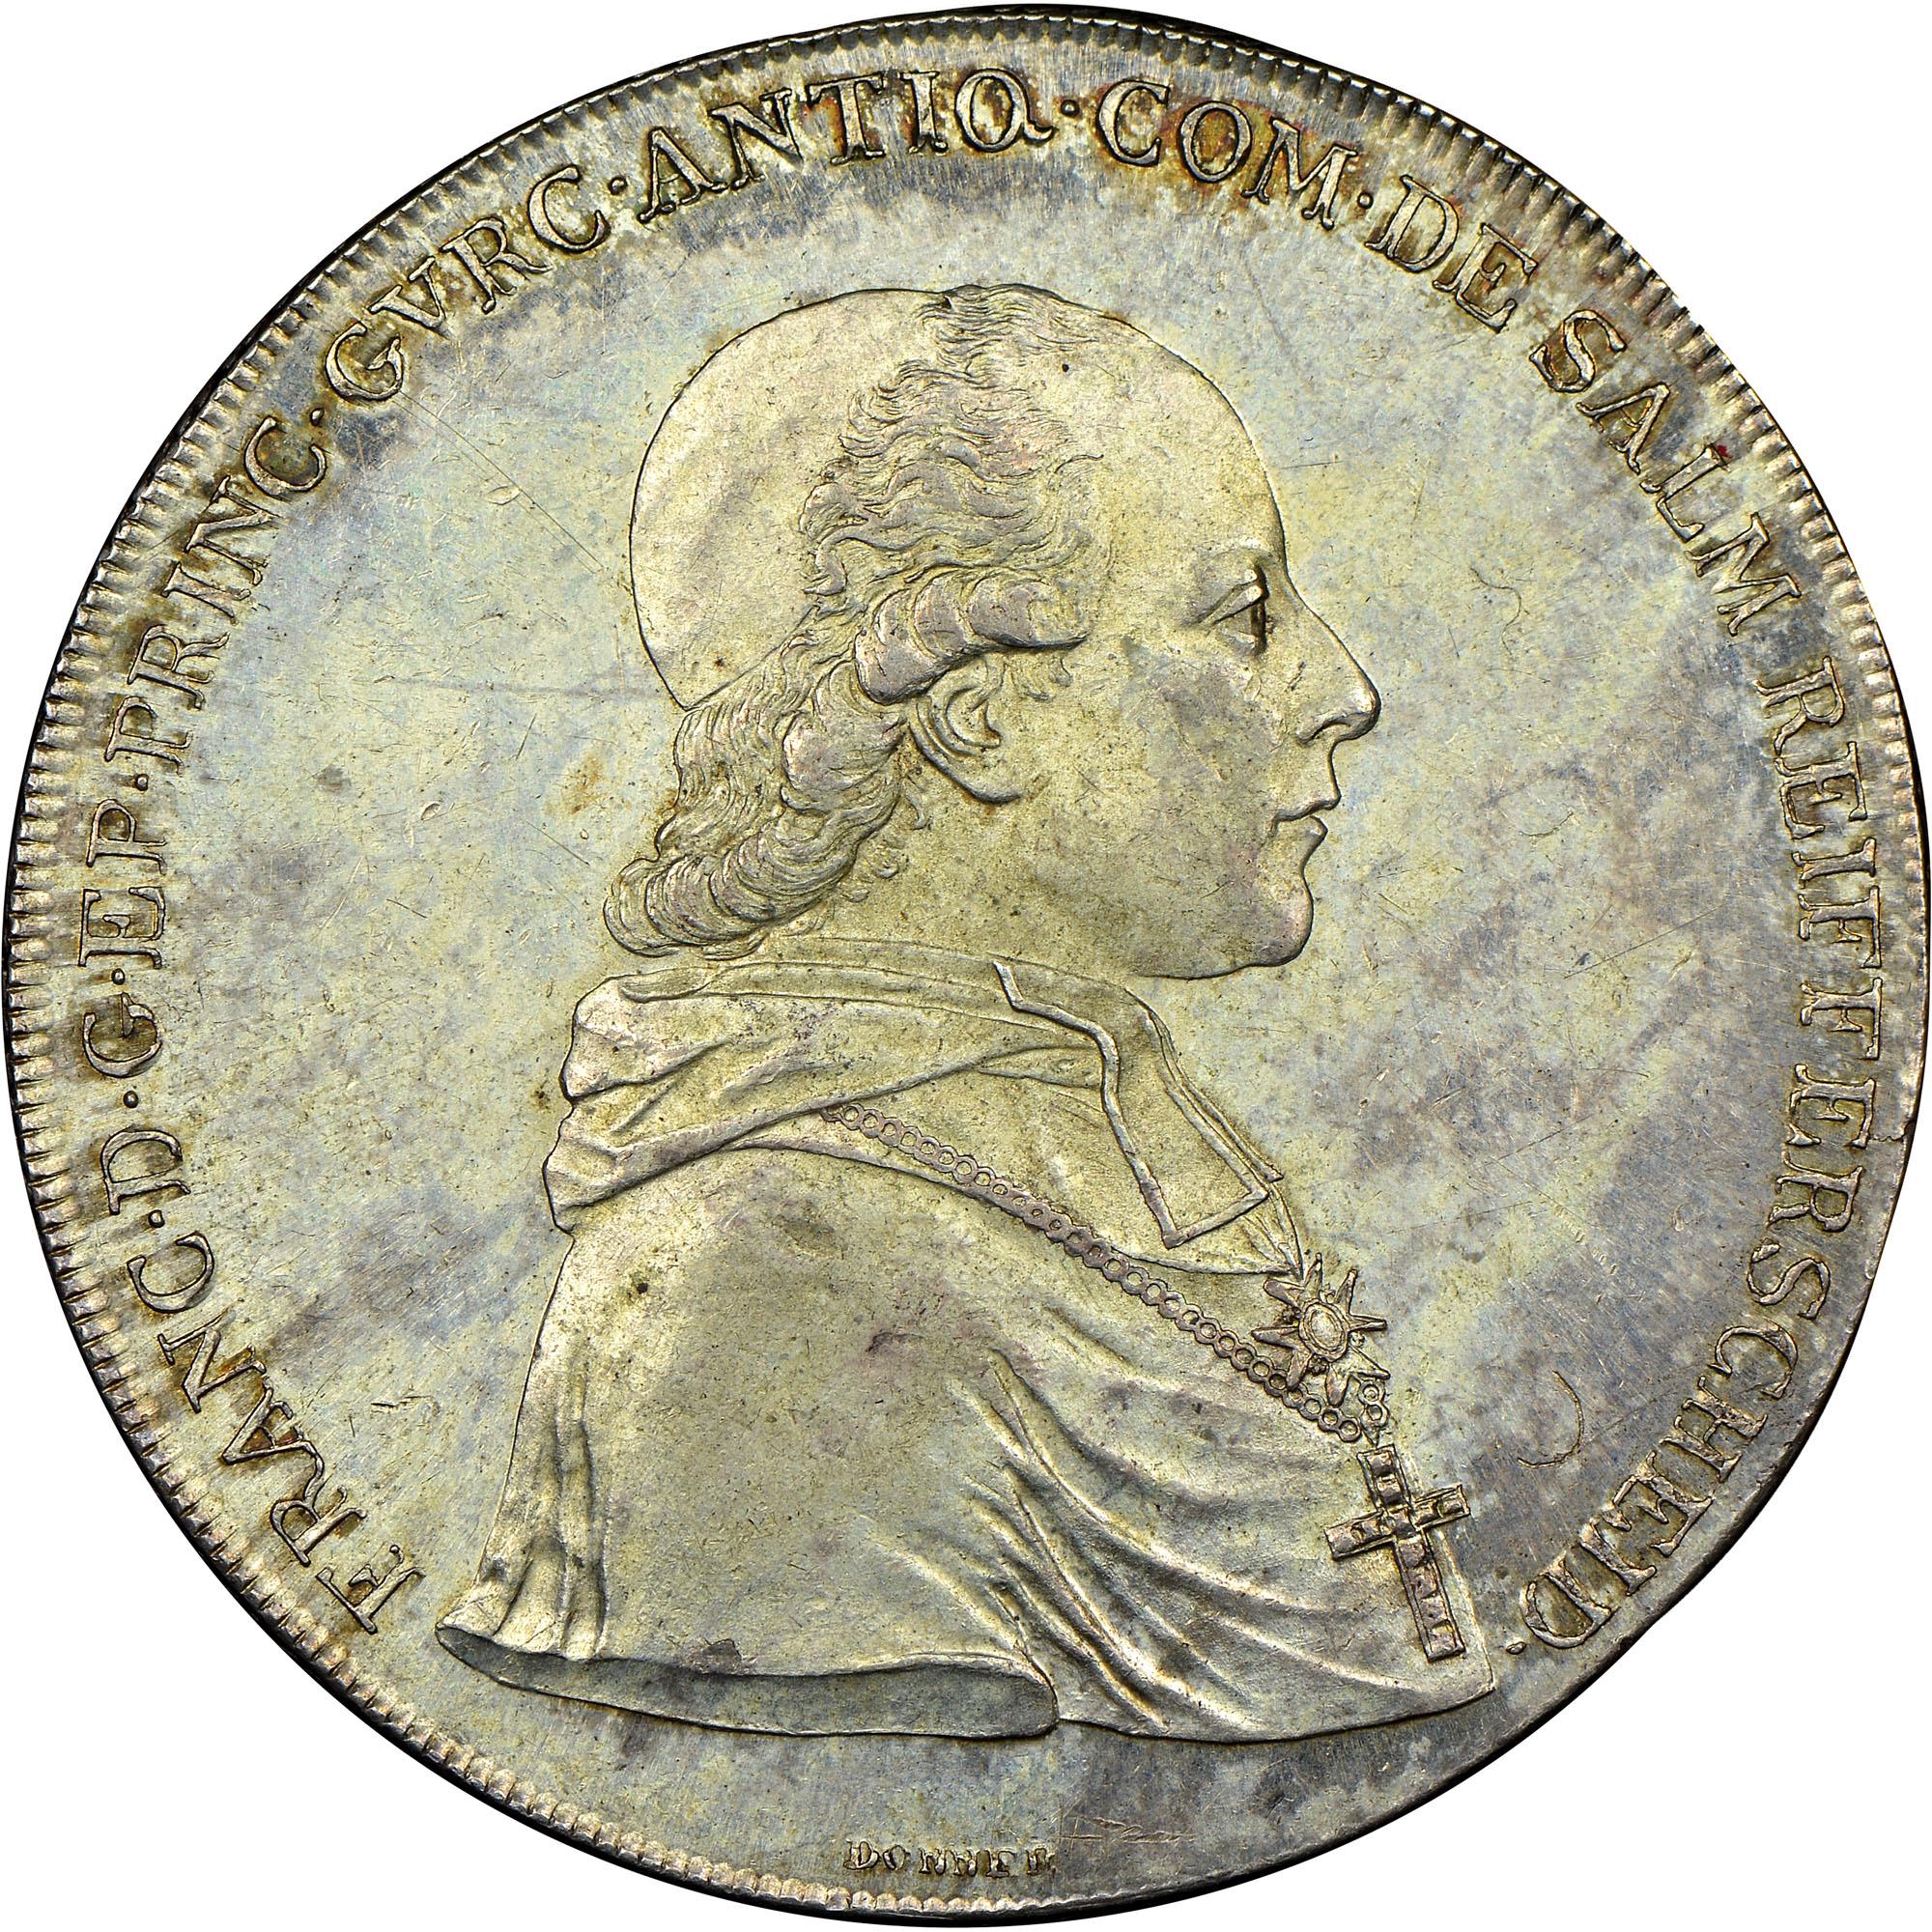 1801 Austrian States GURK Thaler, Convention obverse